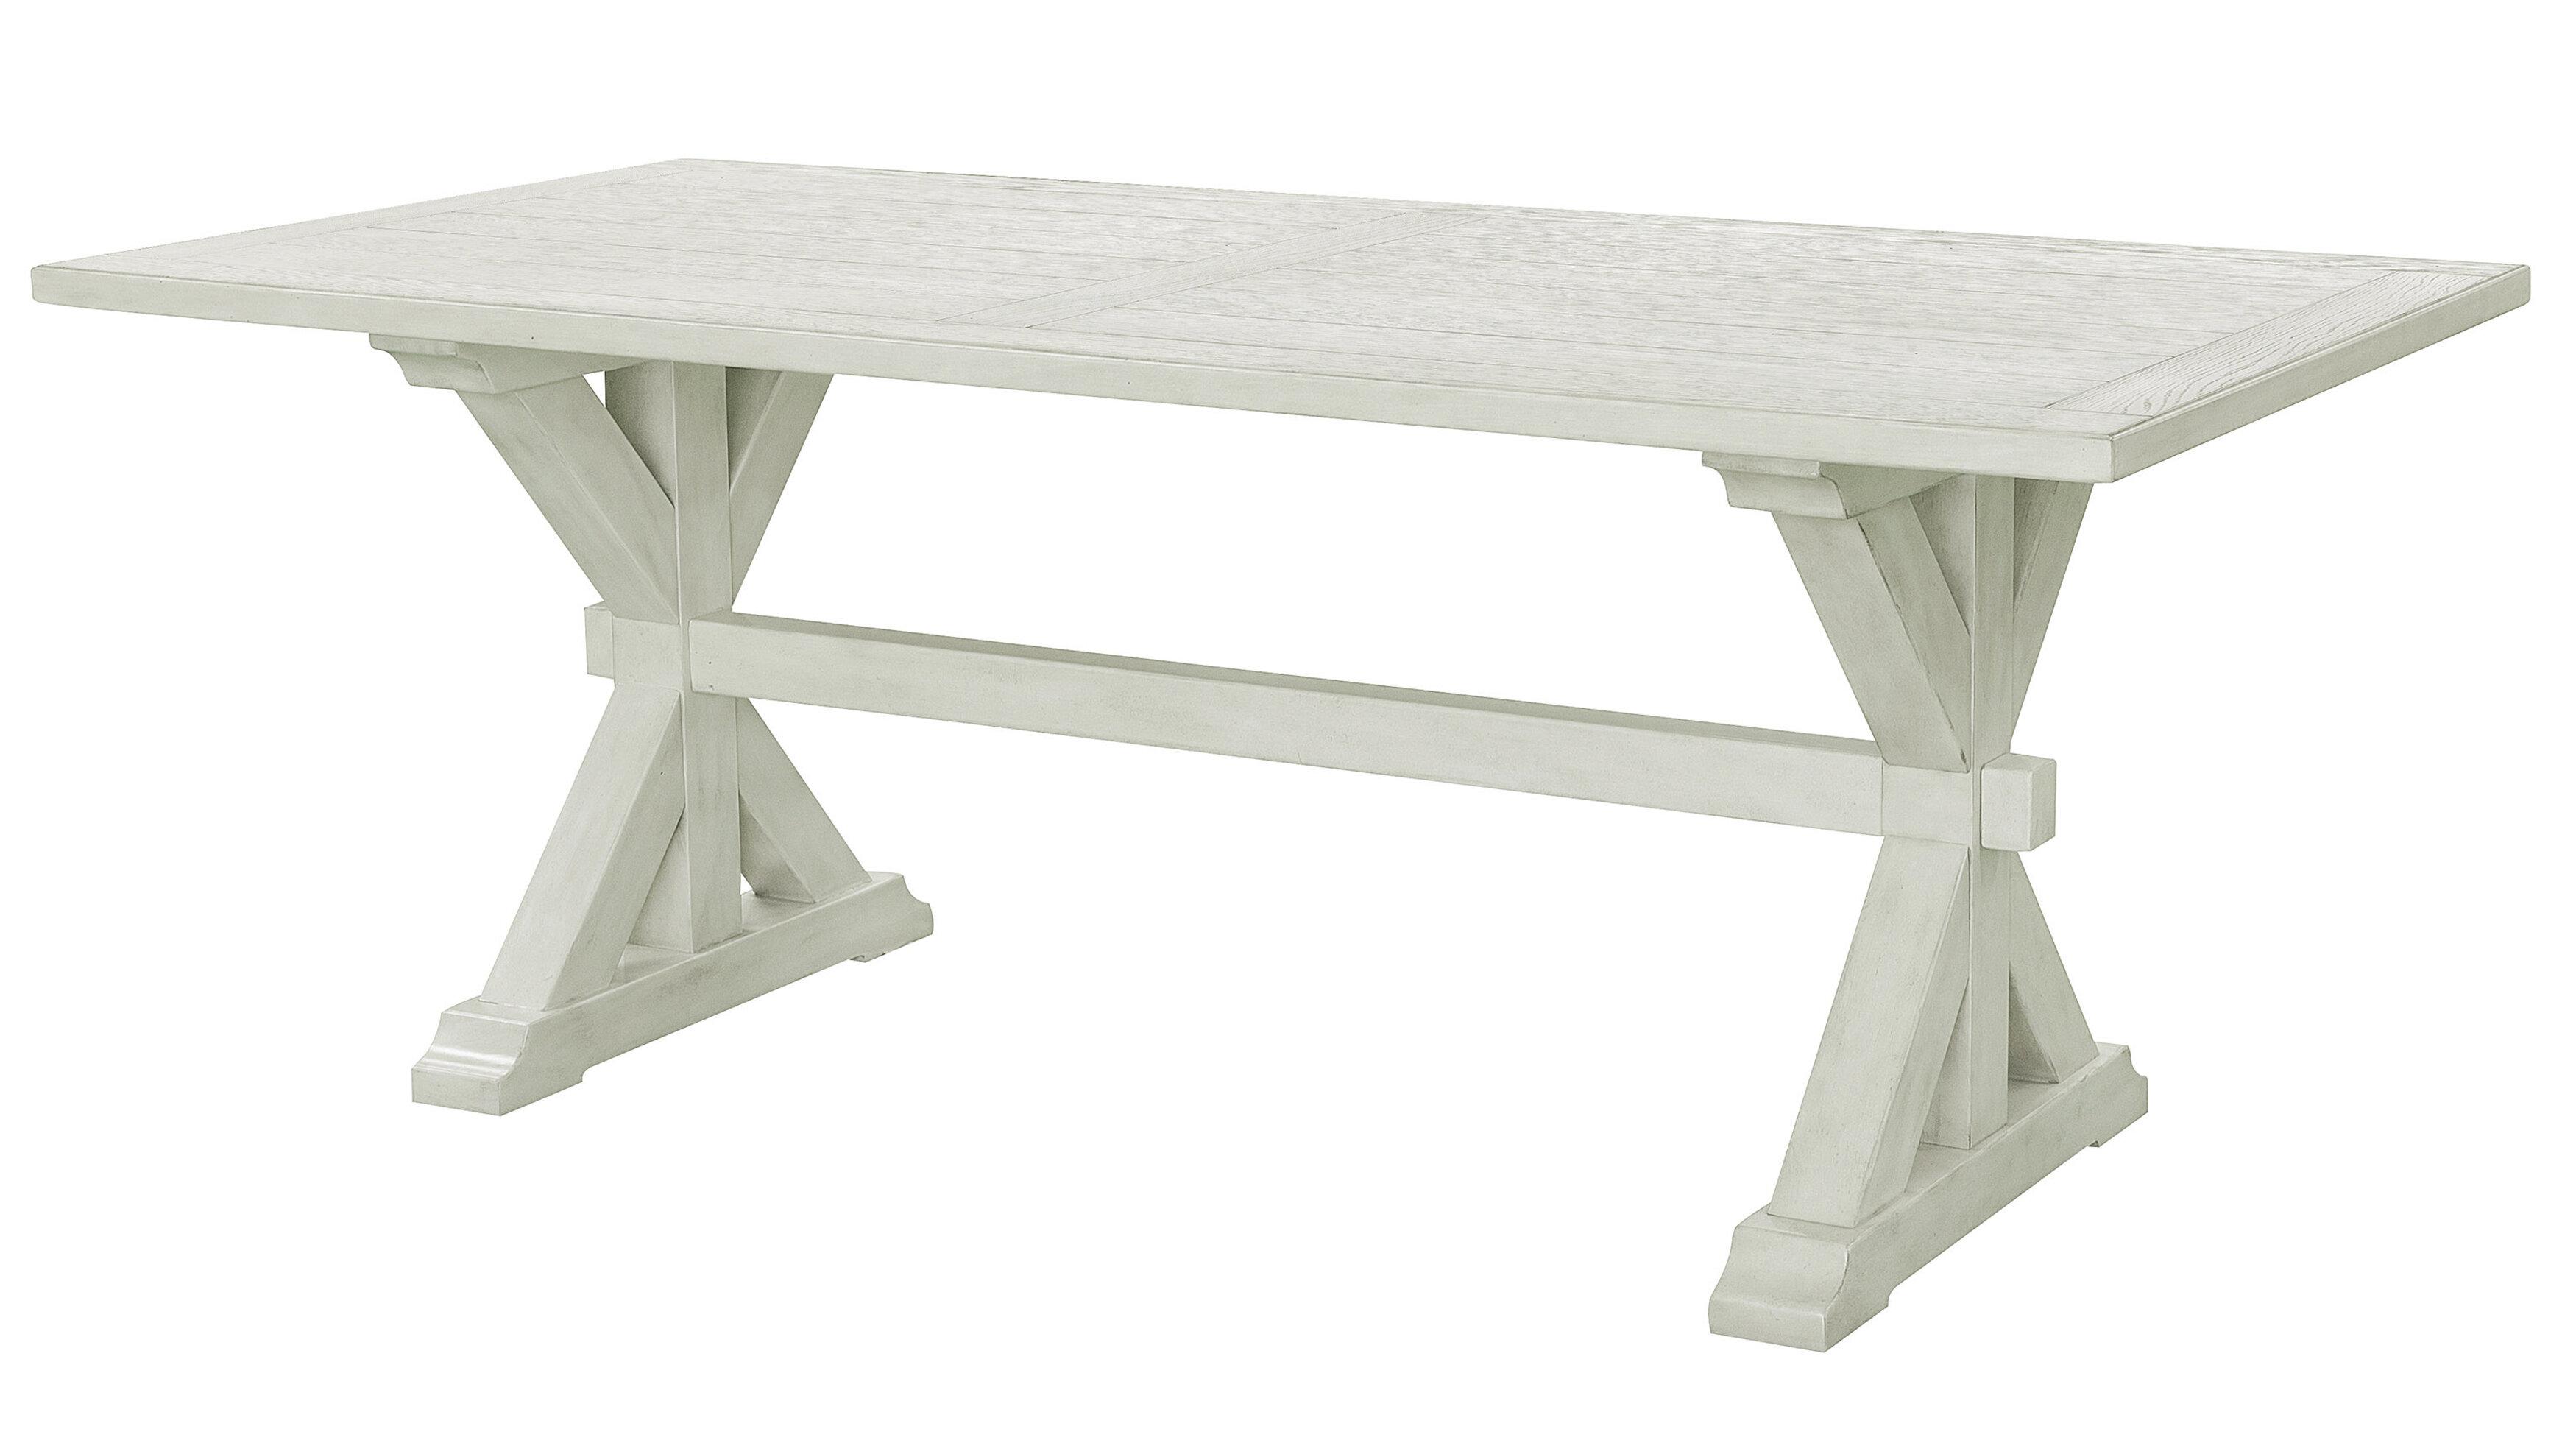 Gracie Oaks Eldert 38 Solid Oak Trestle Dining Table Reviews